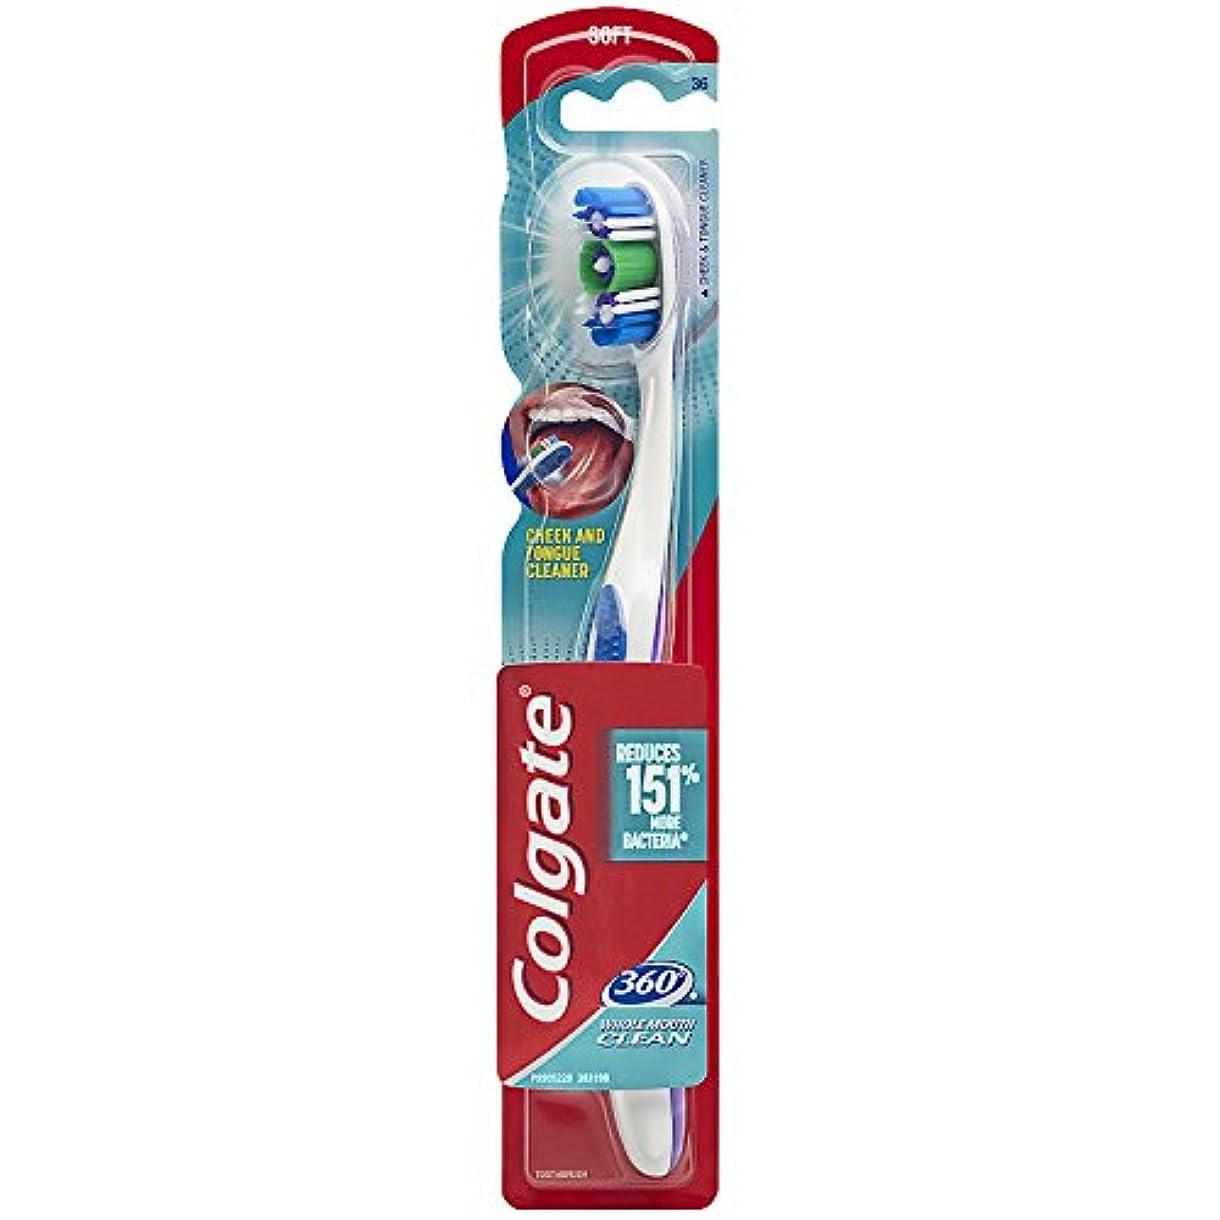 日付偽善ビジョンColgate 舌と頬クリーナーで360歯ブラシ - ソフト(1パック)